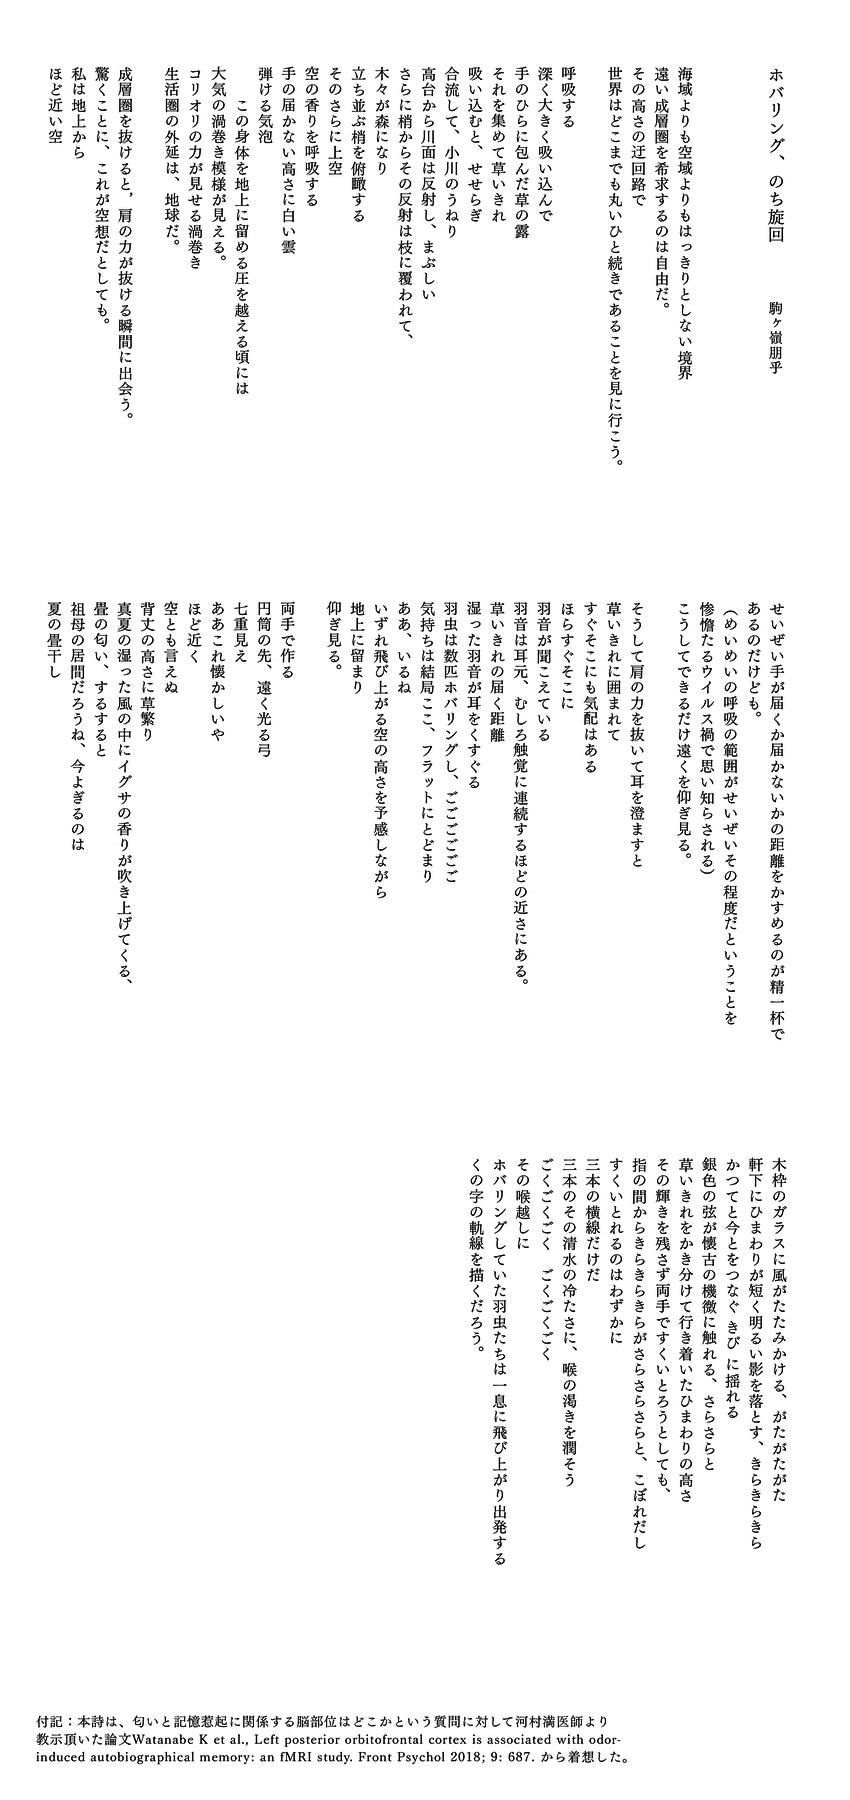 904CCDDB-204A-4C57-9EA5-13541267A28A